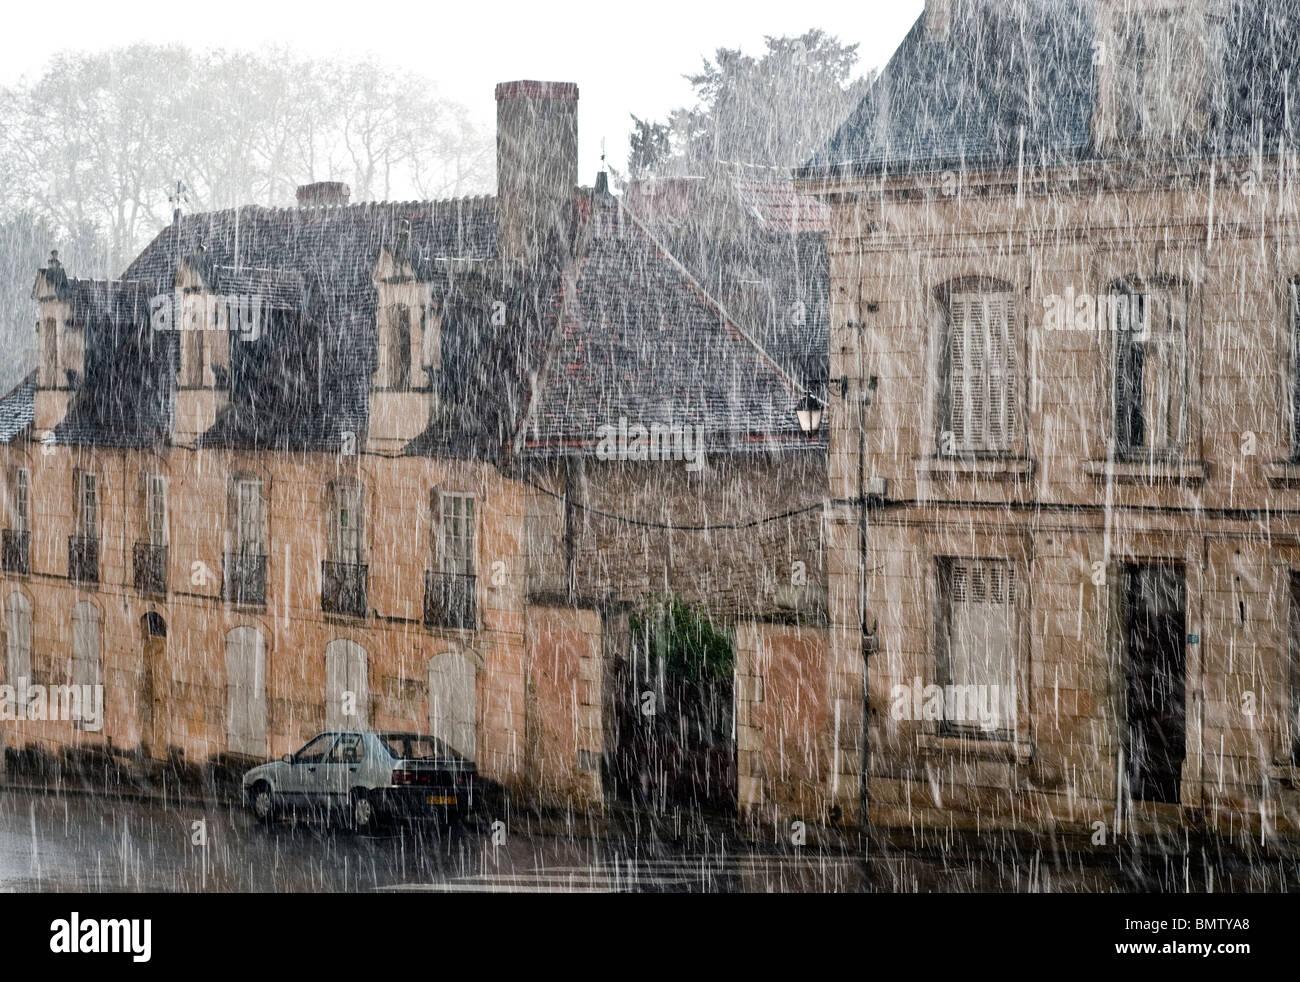 Lluvia torrencial en Old Town Center - Francia. Imagen De Stock